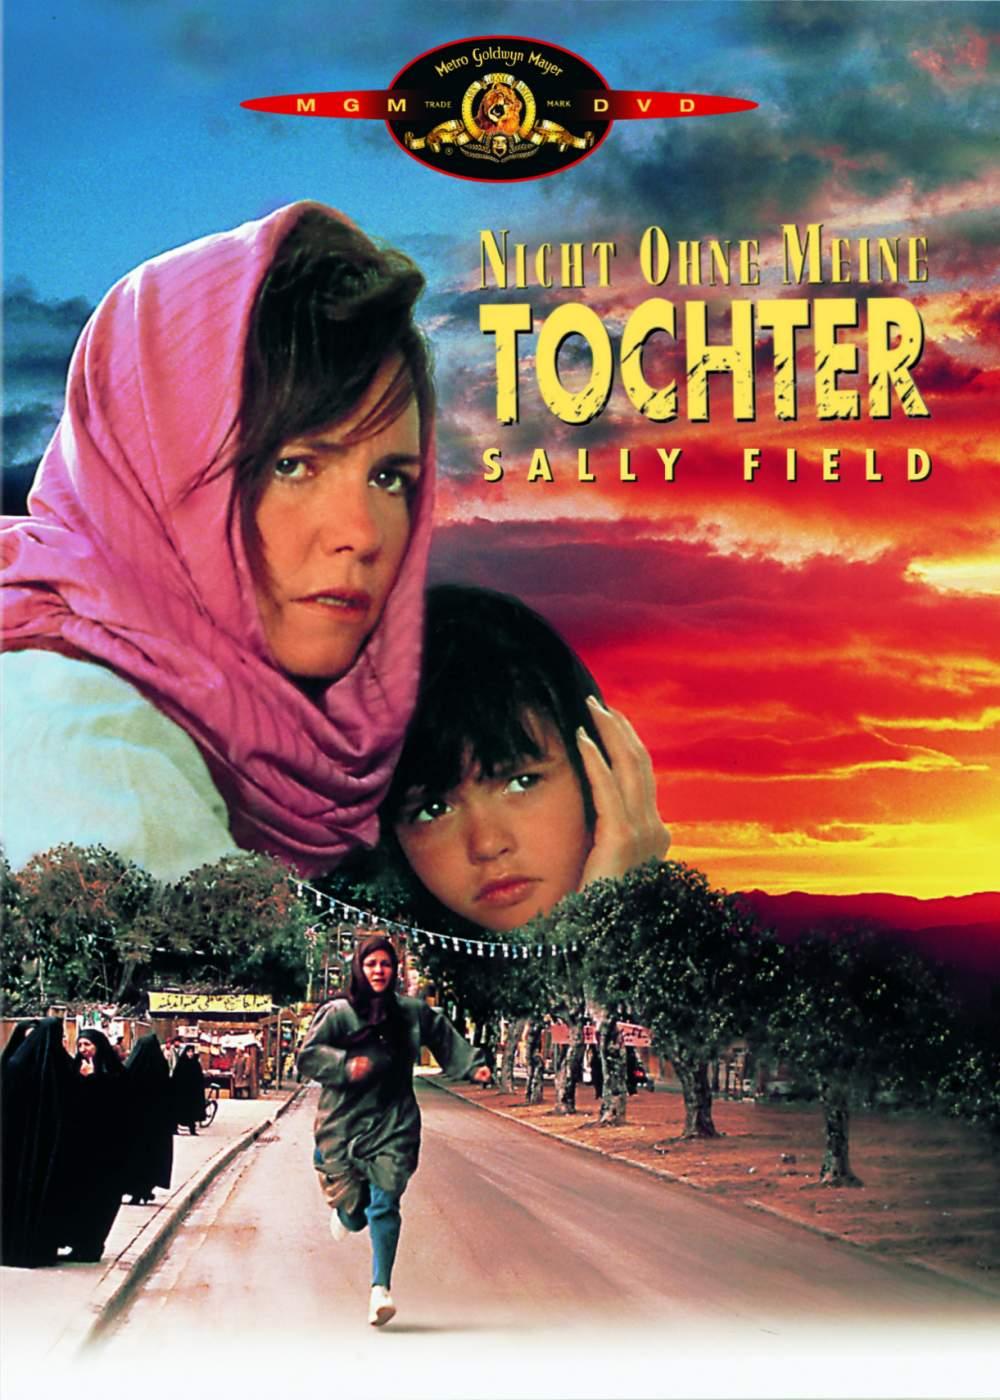 Nicht ohne meine Tochter - Film